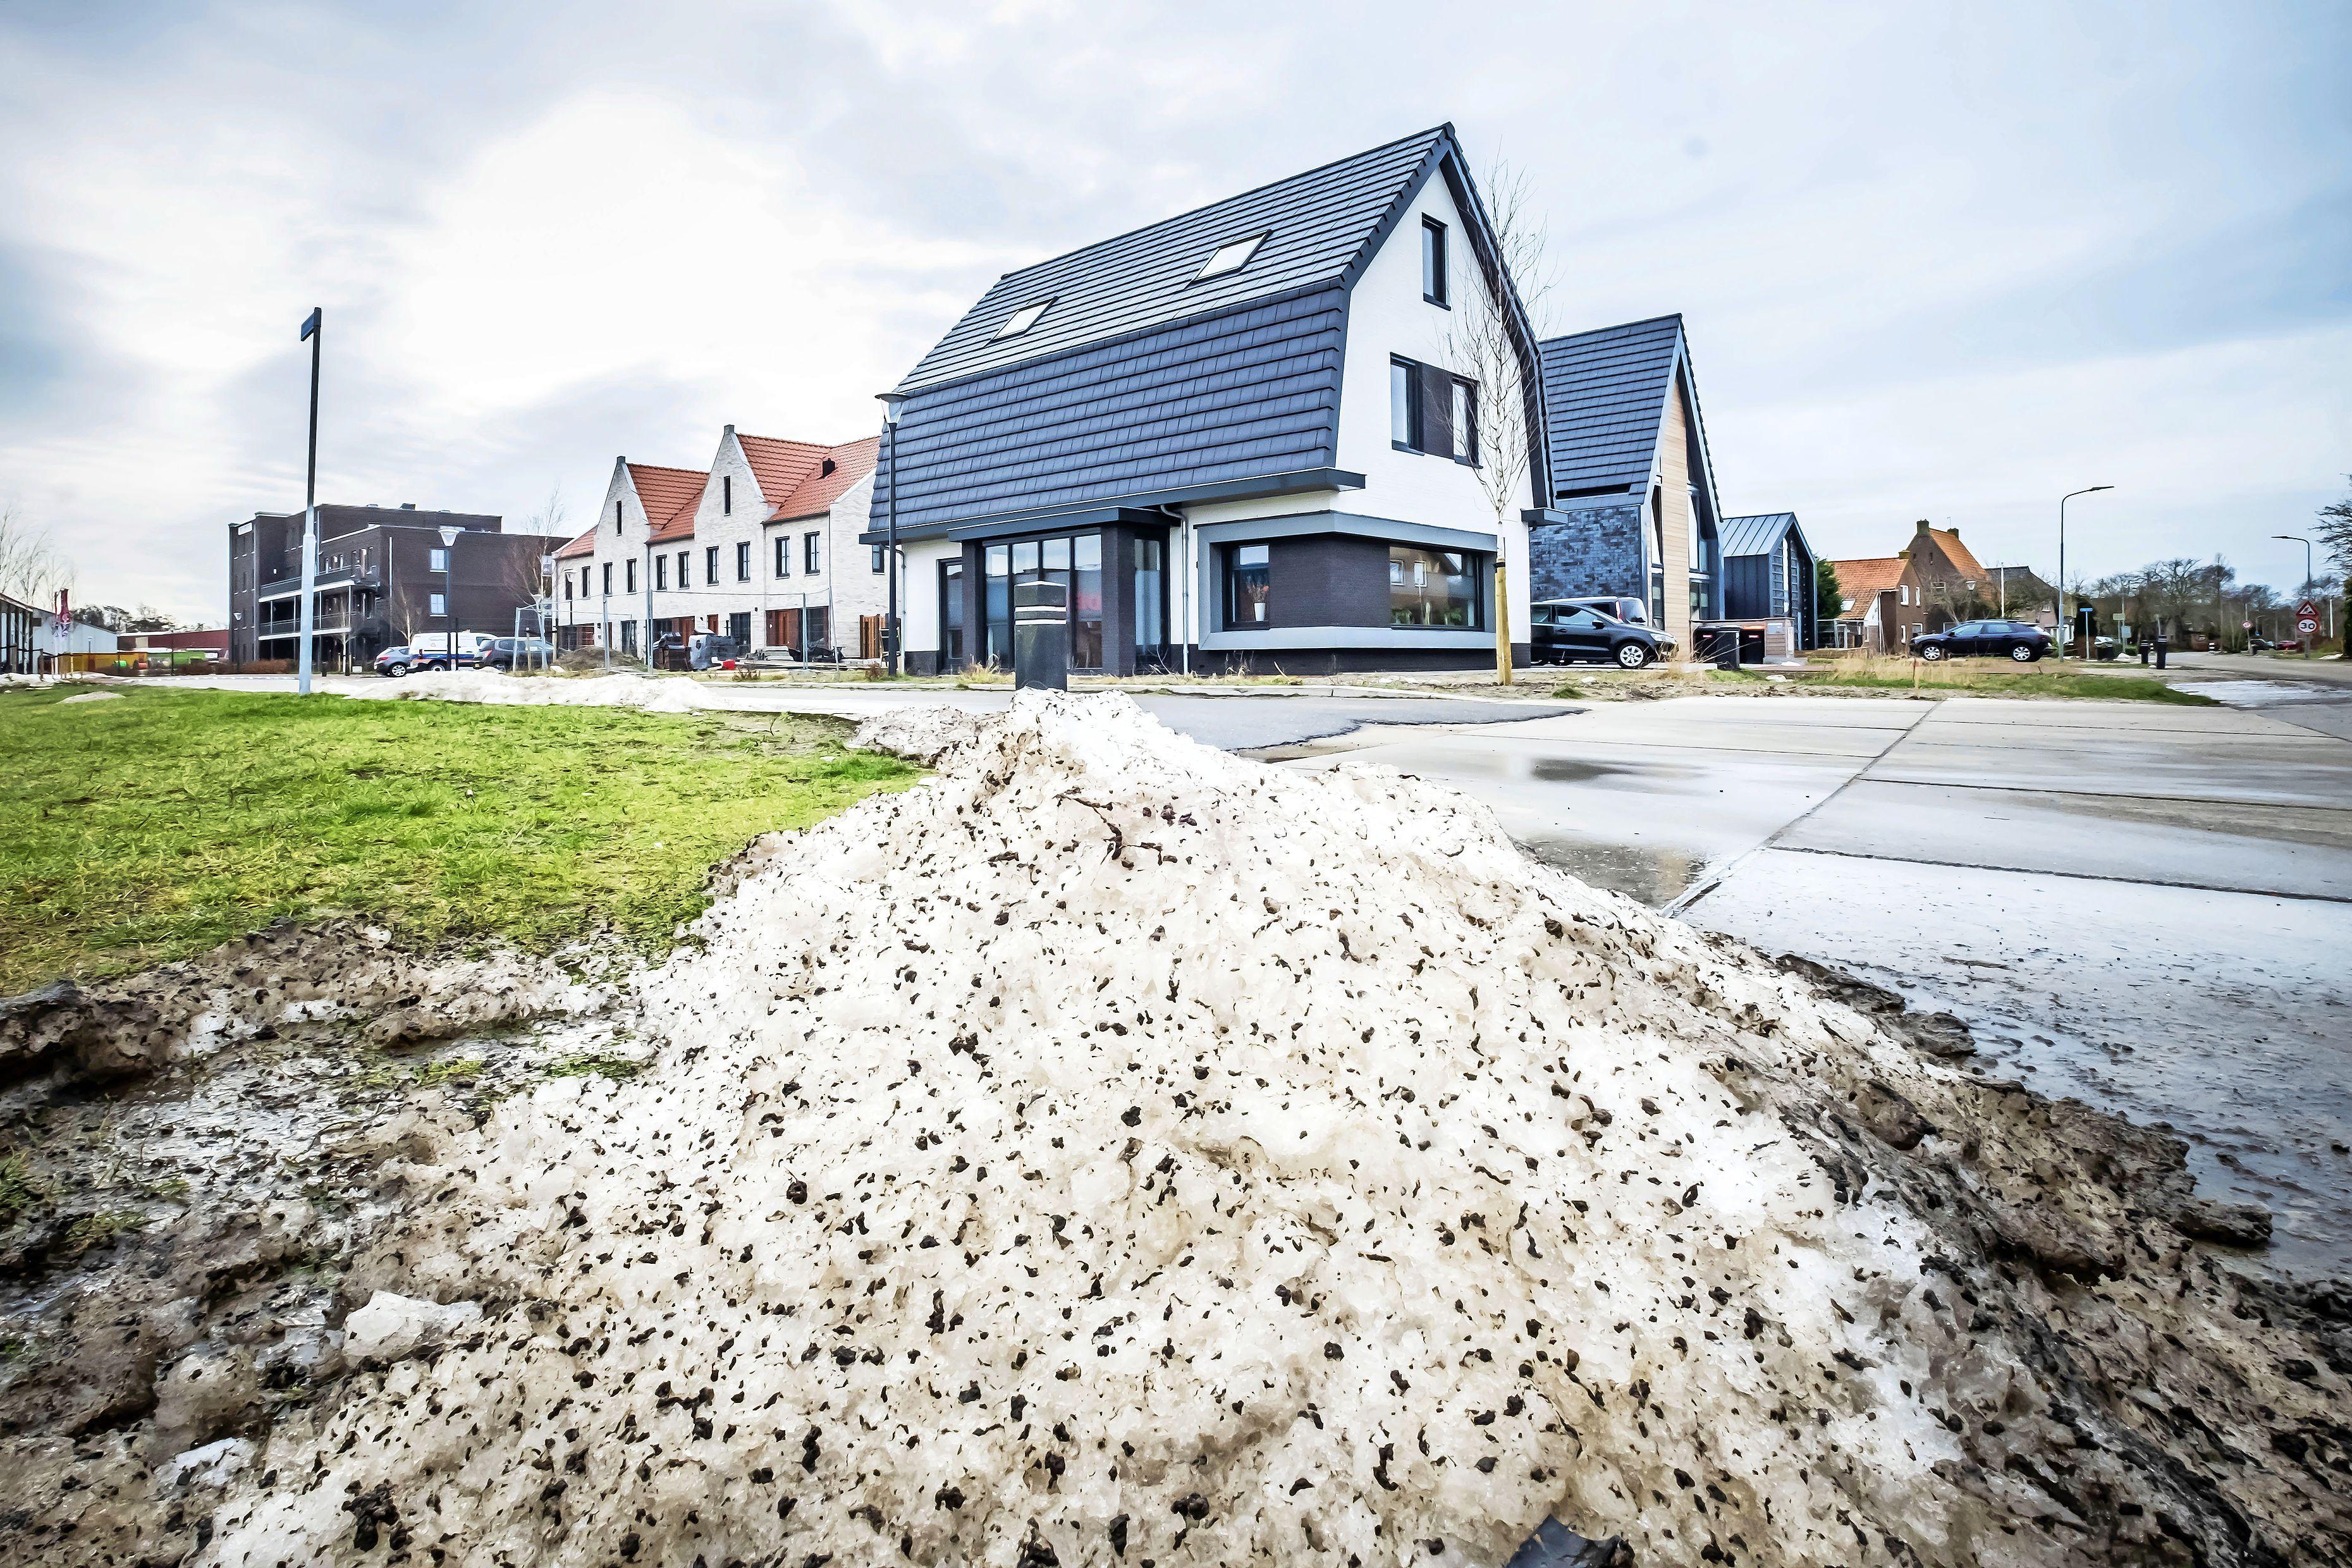 Vijf partijen willen snel sociaal bouwen in de Zandzoom in Limmen, voordat het niet meer kan